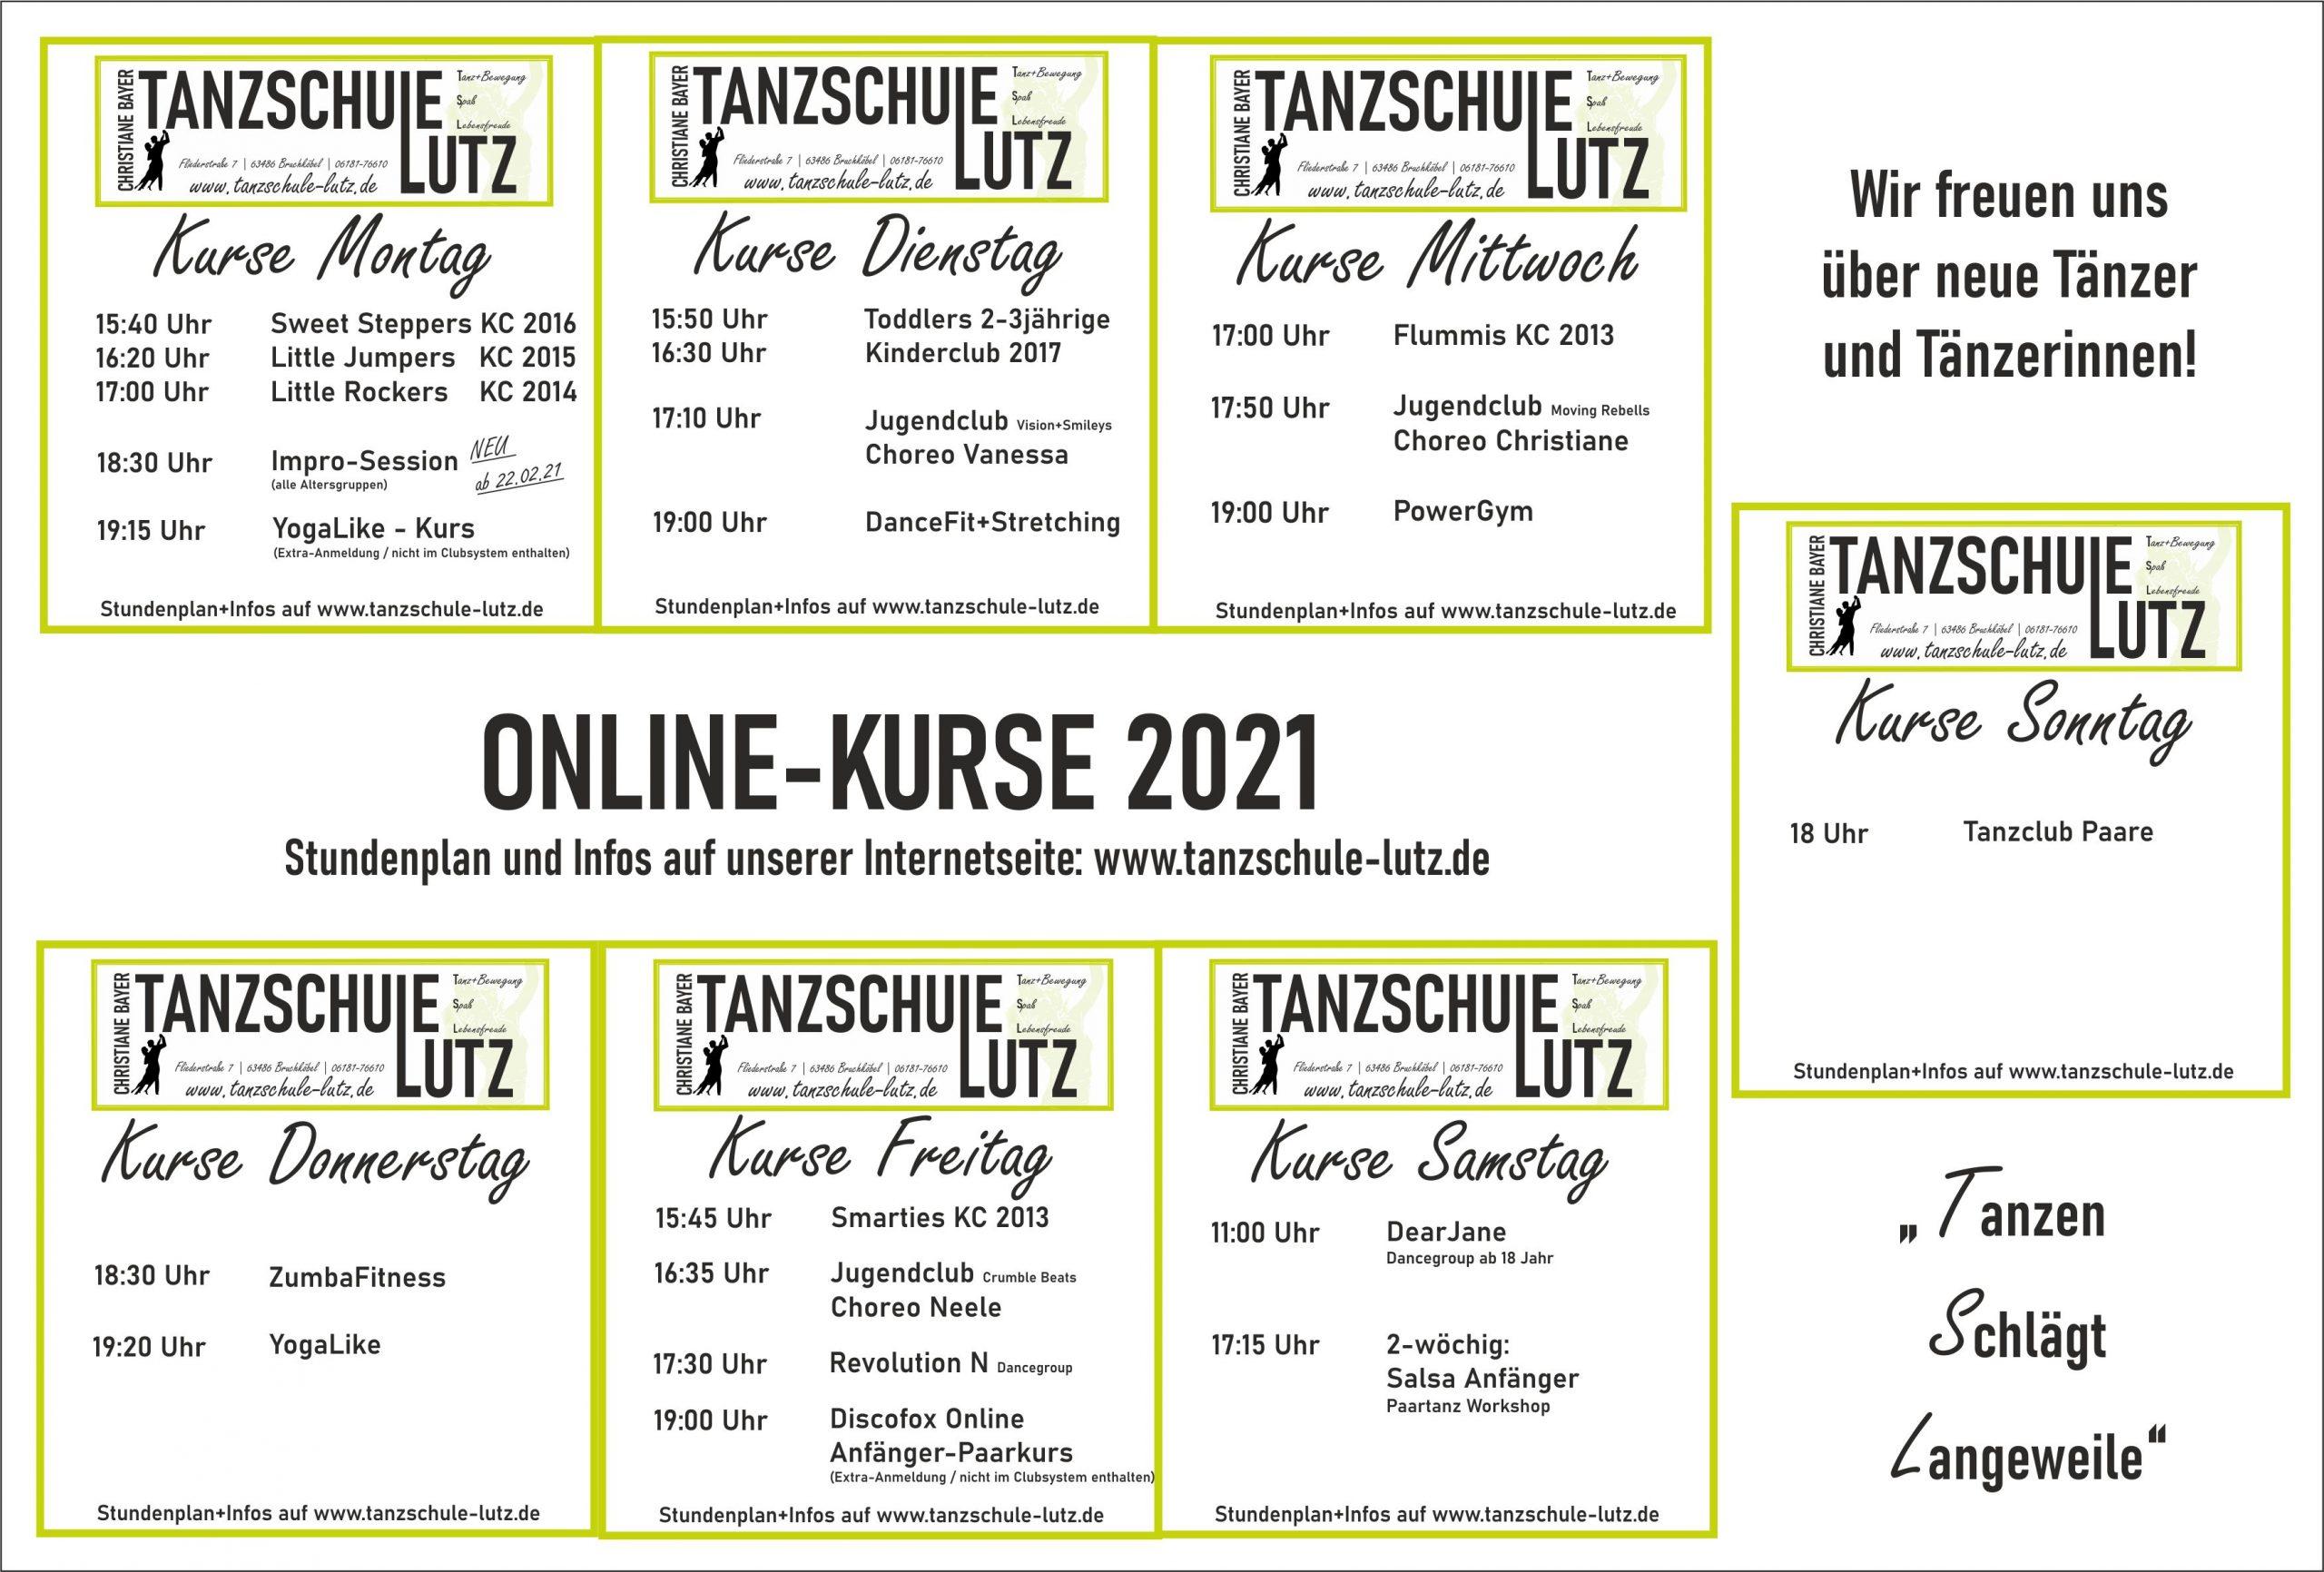 Onlinekurse Wochenansicht 2021